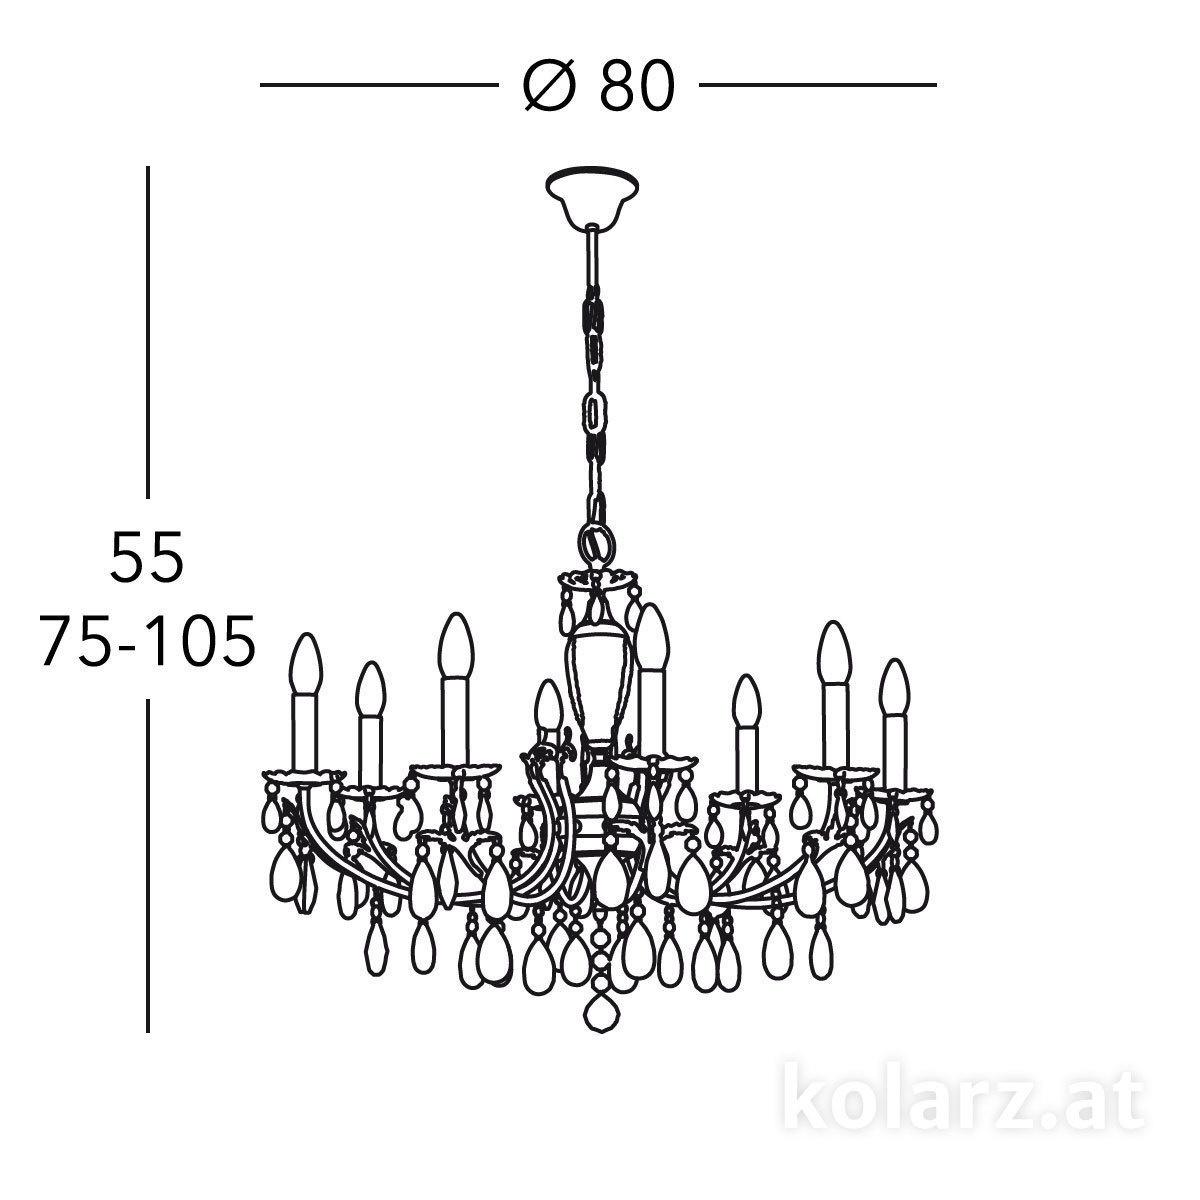 3003-88-3-KoT__al30-s1.jpg